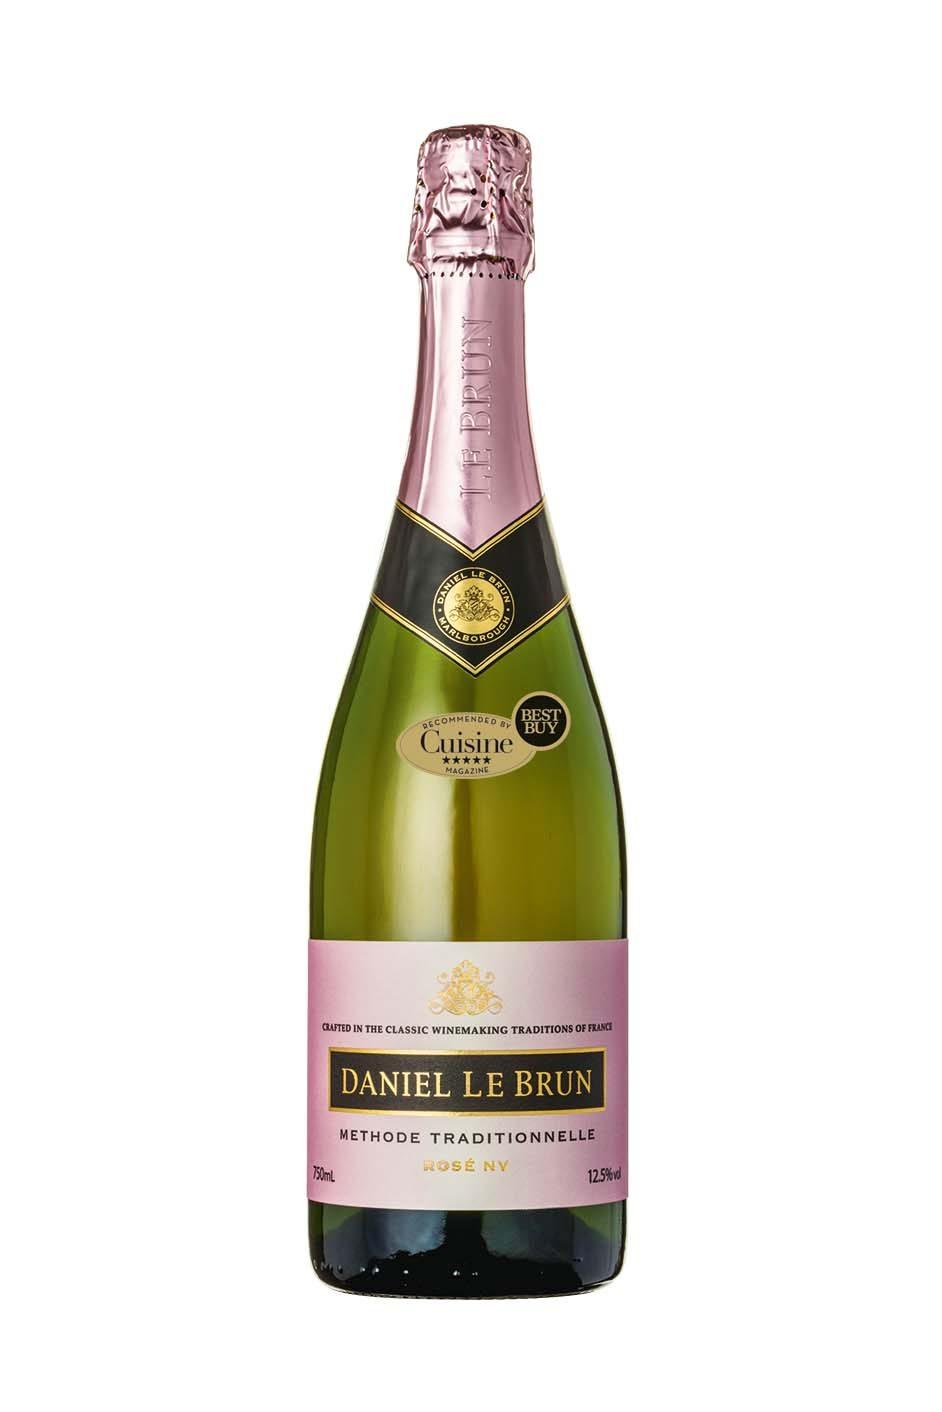 Daniel Le Brun Methode Traditionnelle Rosé